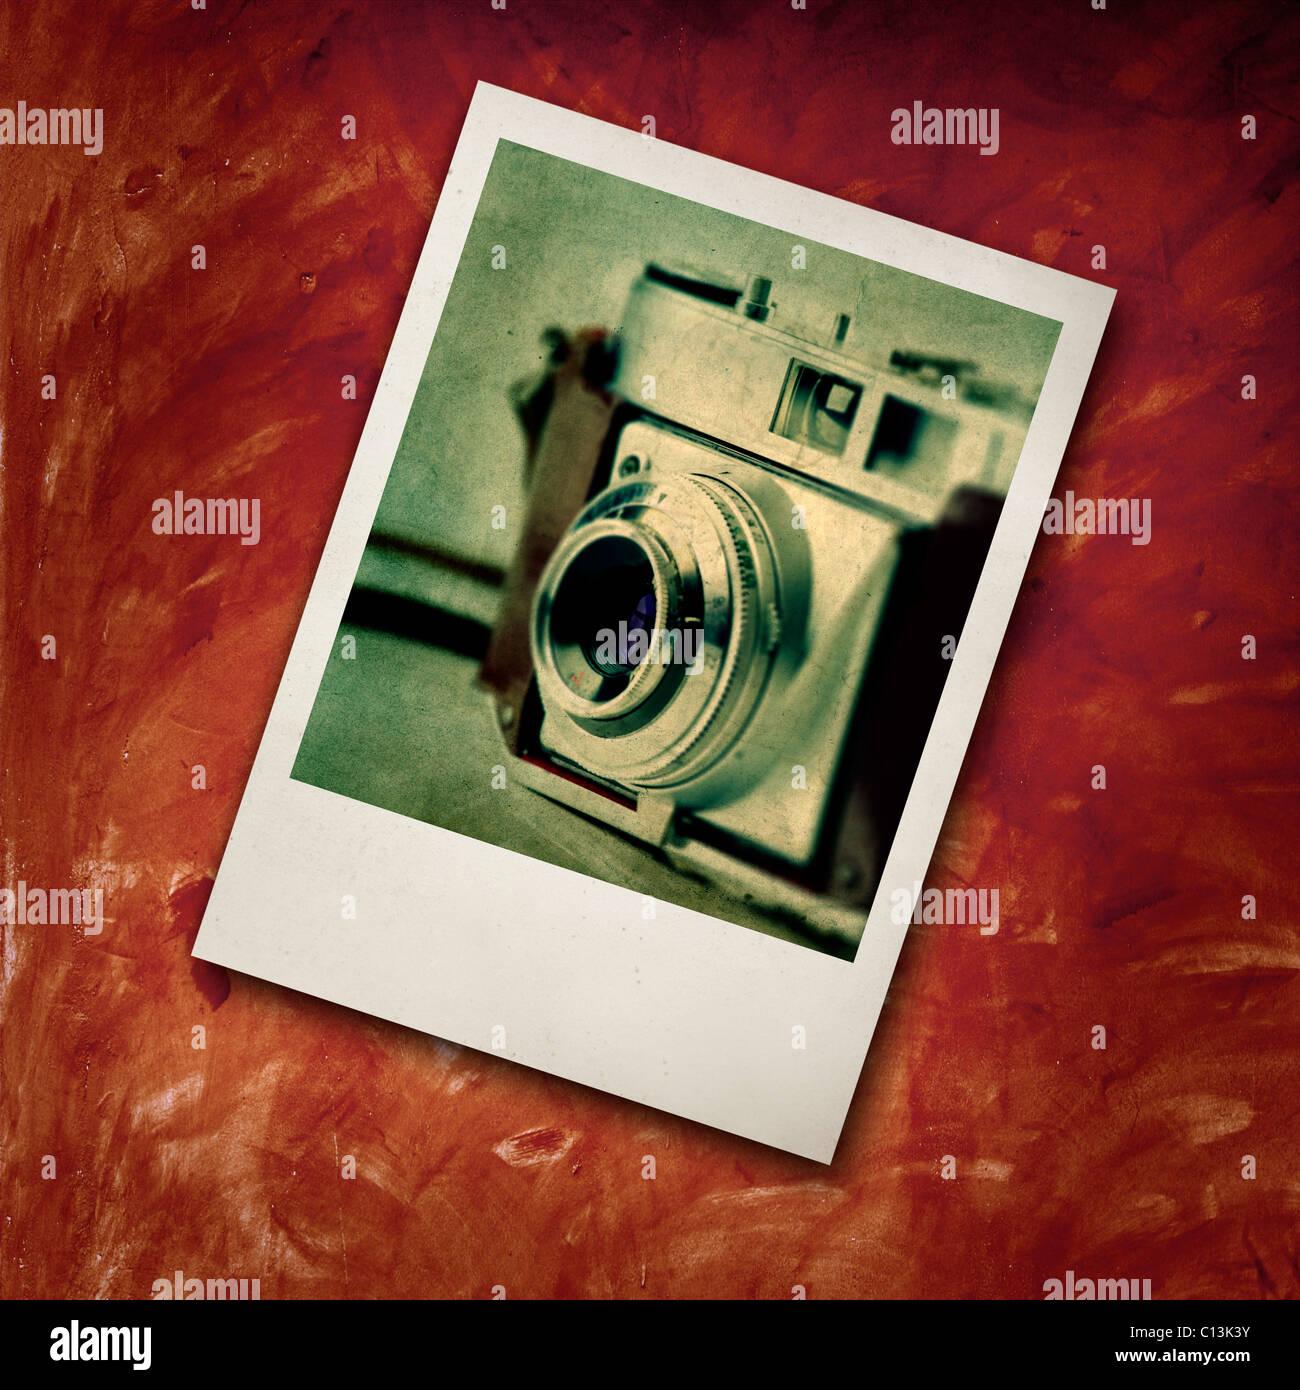 Polaroid-Rahmen mit einem Bild von einem alten altmodischen ...